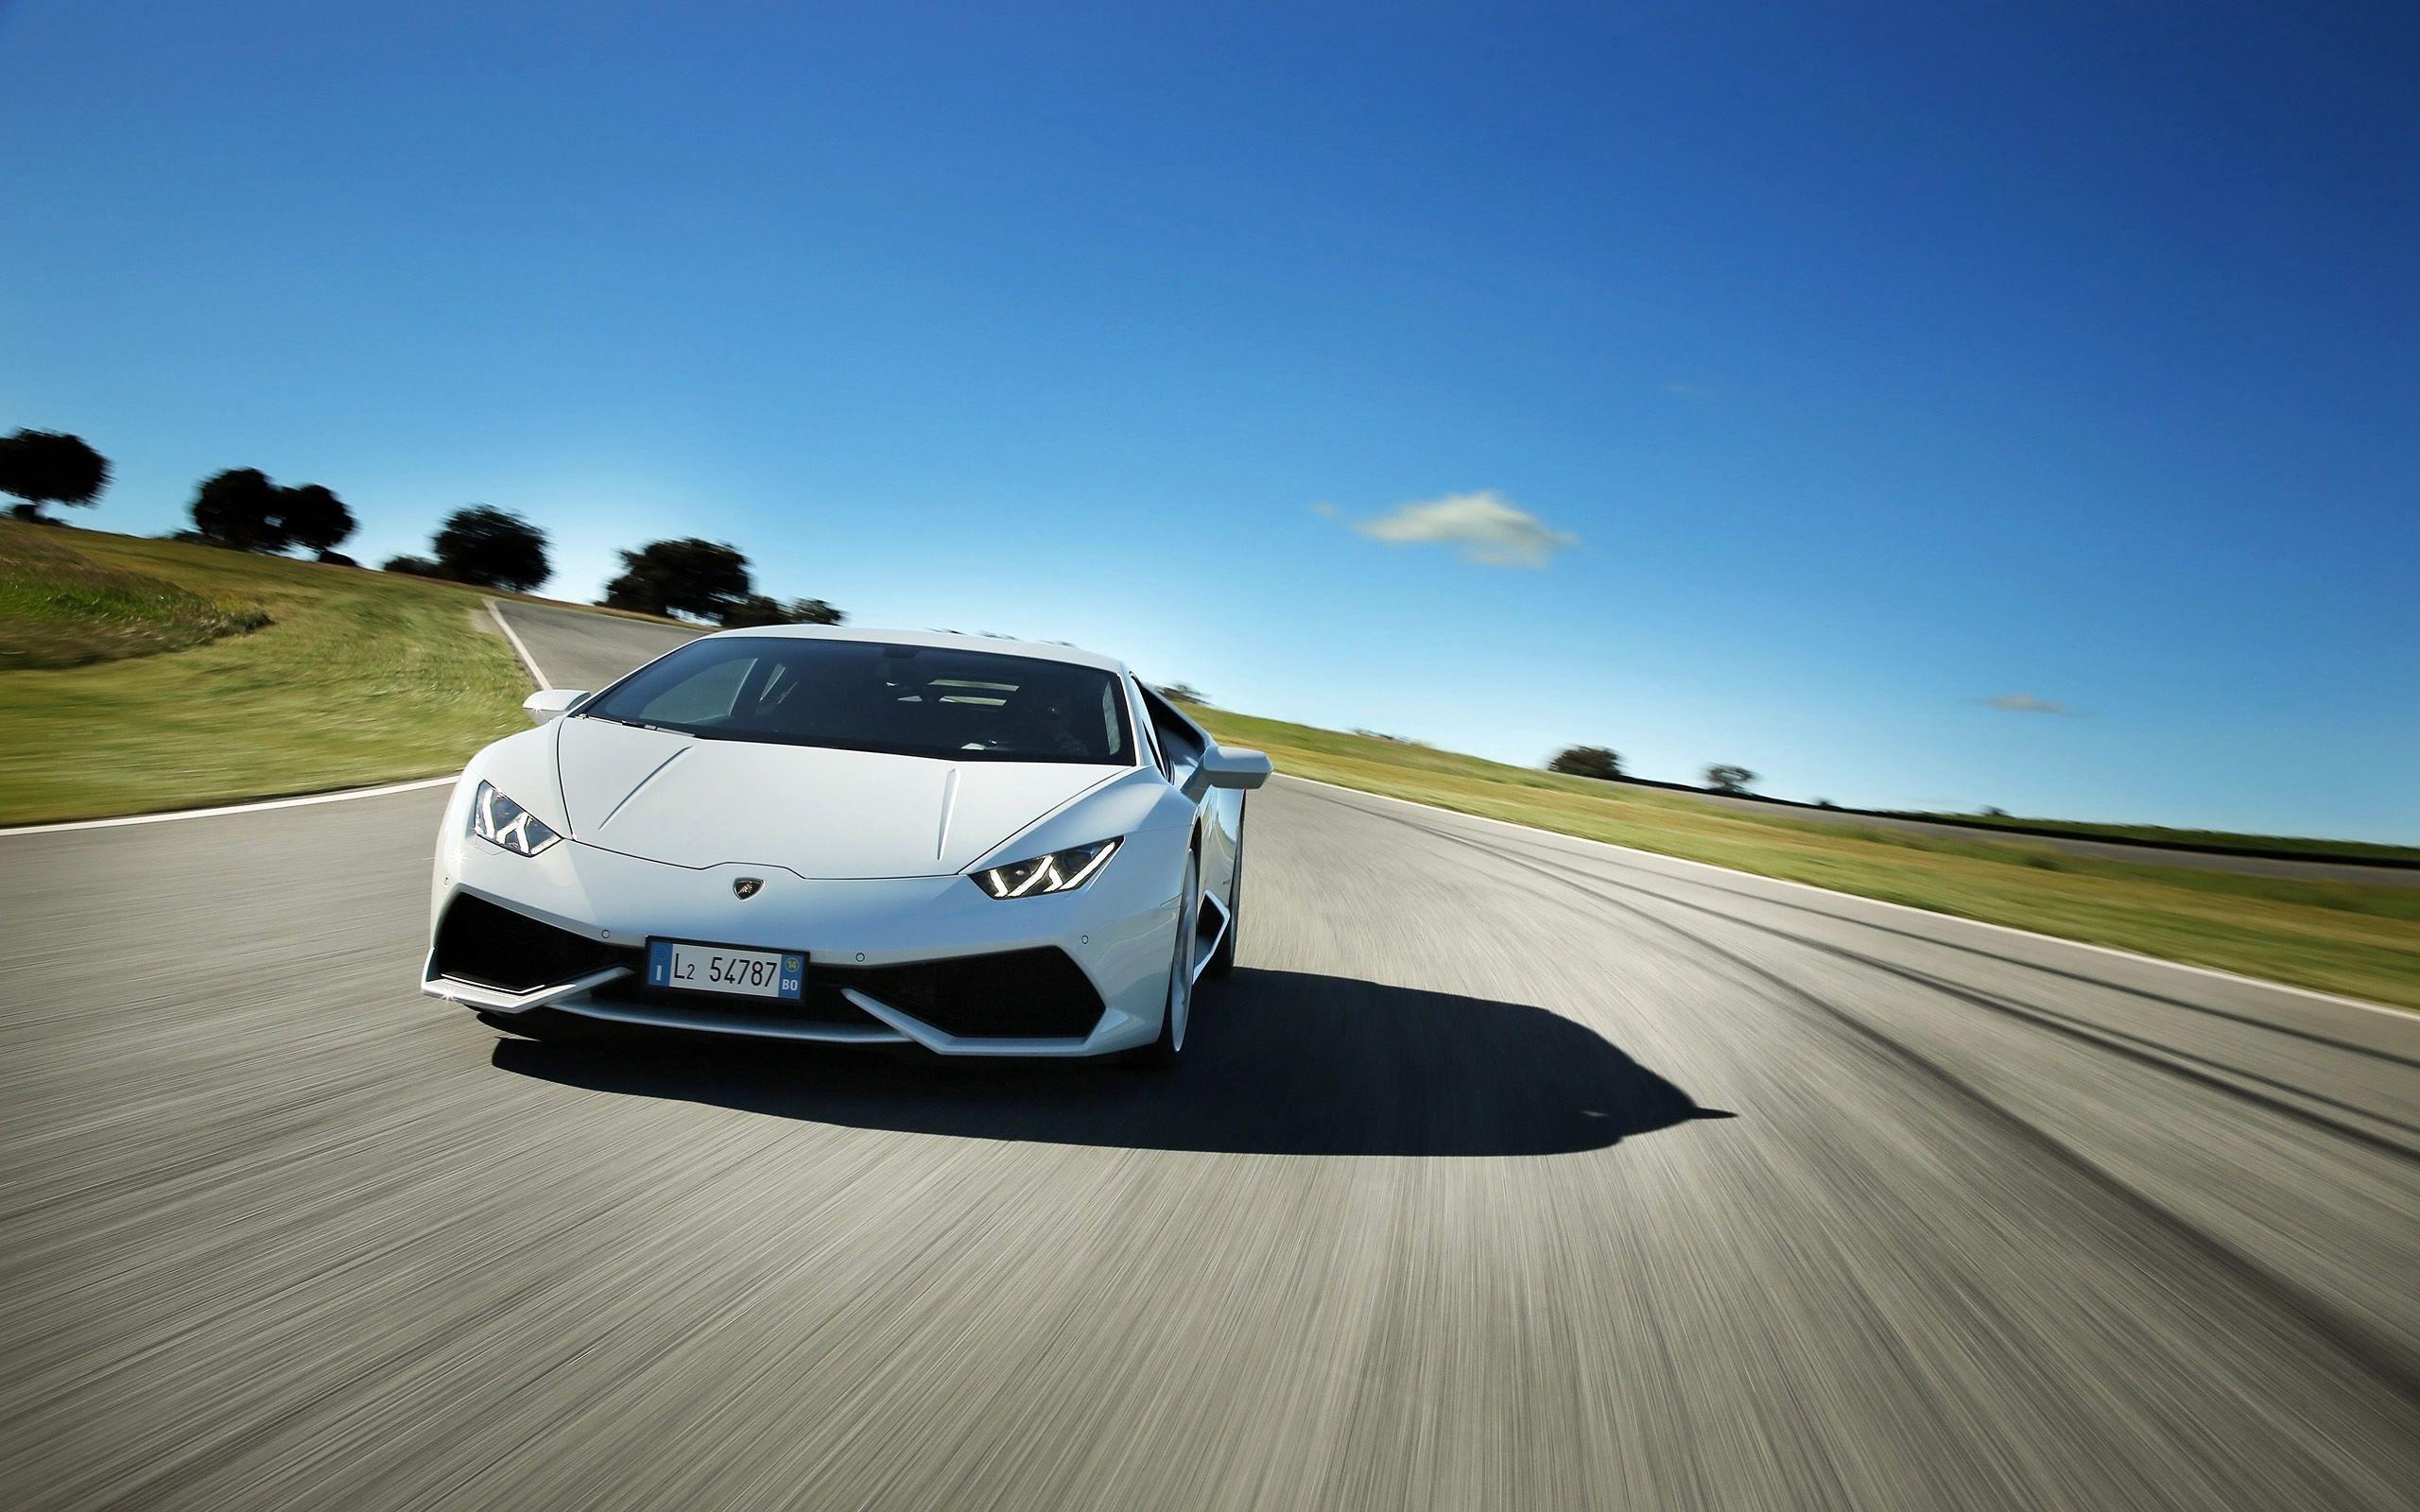 Lamborghini Huracan Wallpapers HD Download